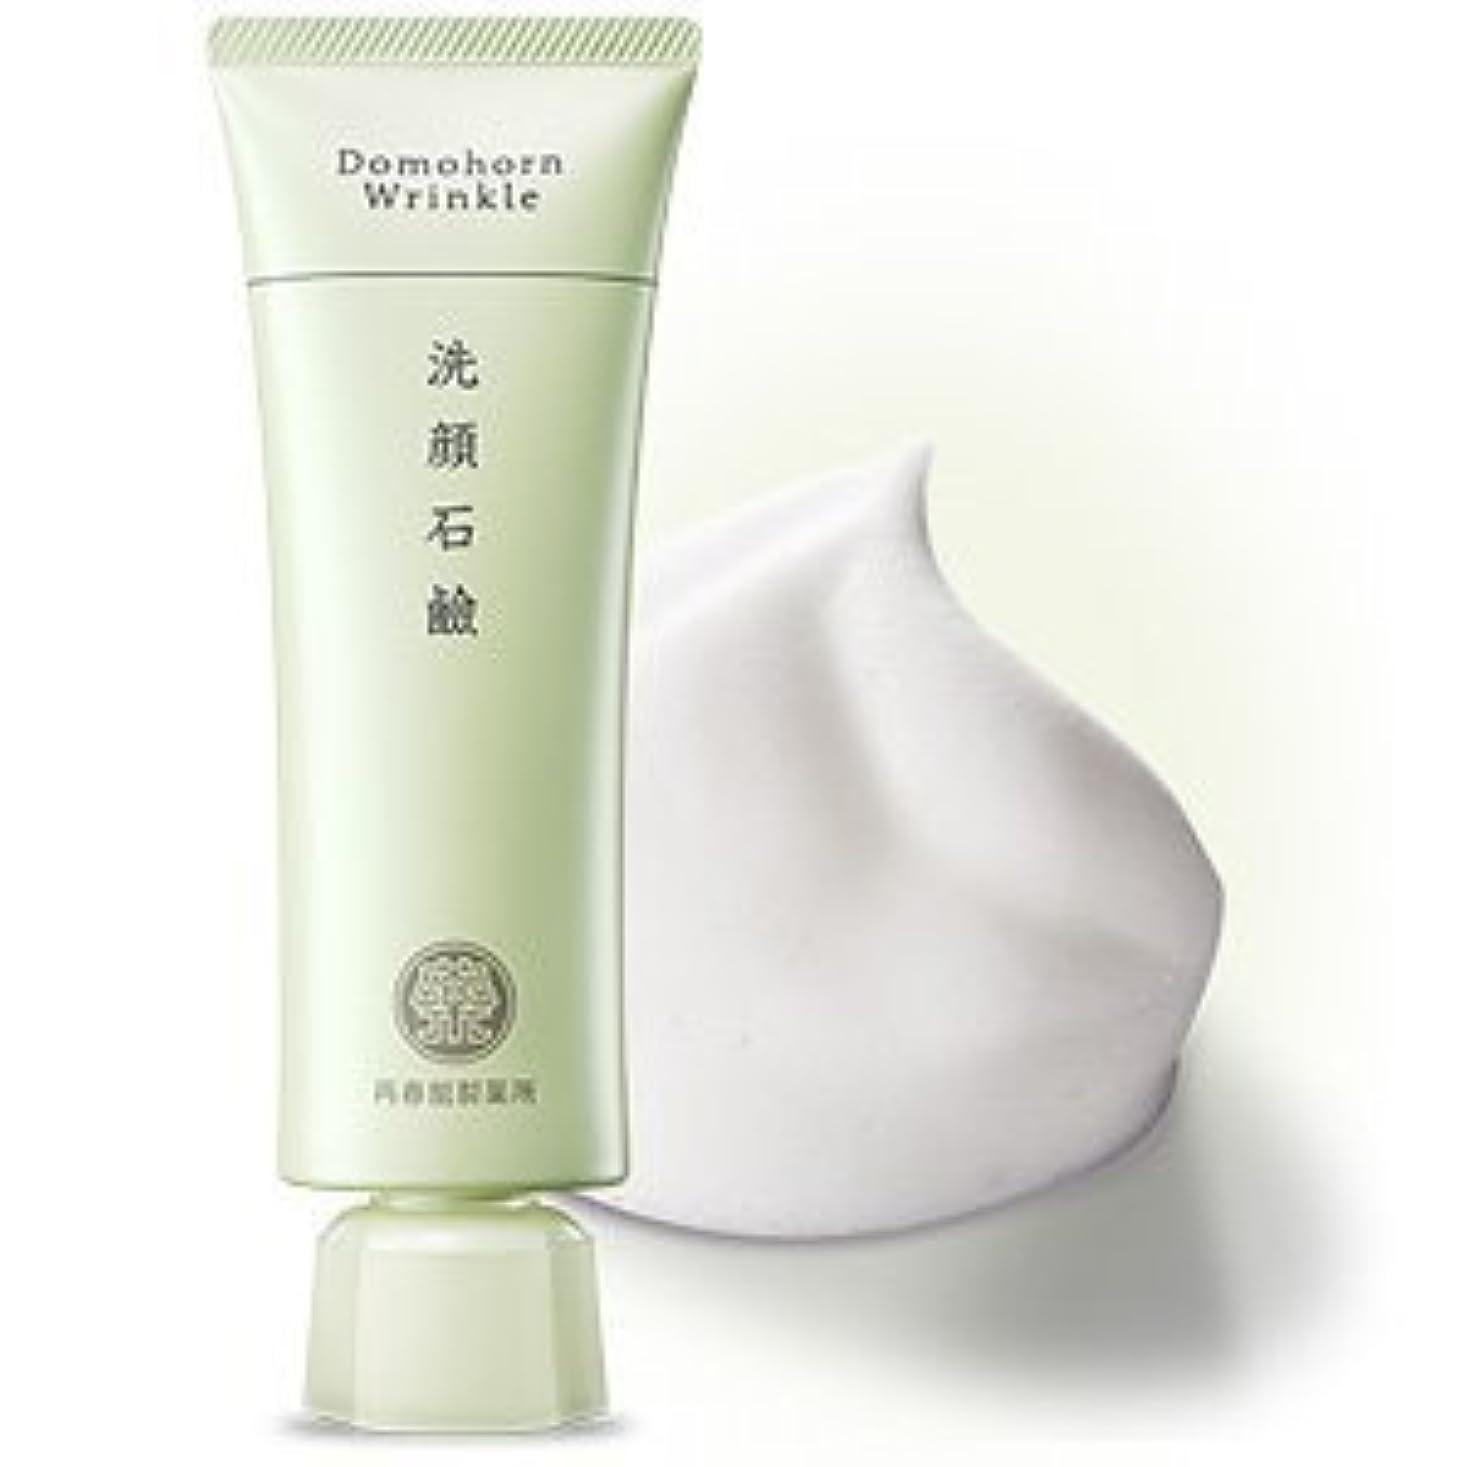 より良い東方頭蓋骨【濃密泡で毛穴対策にも】ドモホルンリンクル 洗顔石鹸 約60日分